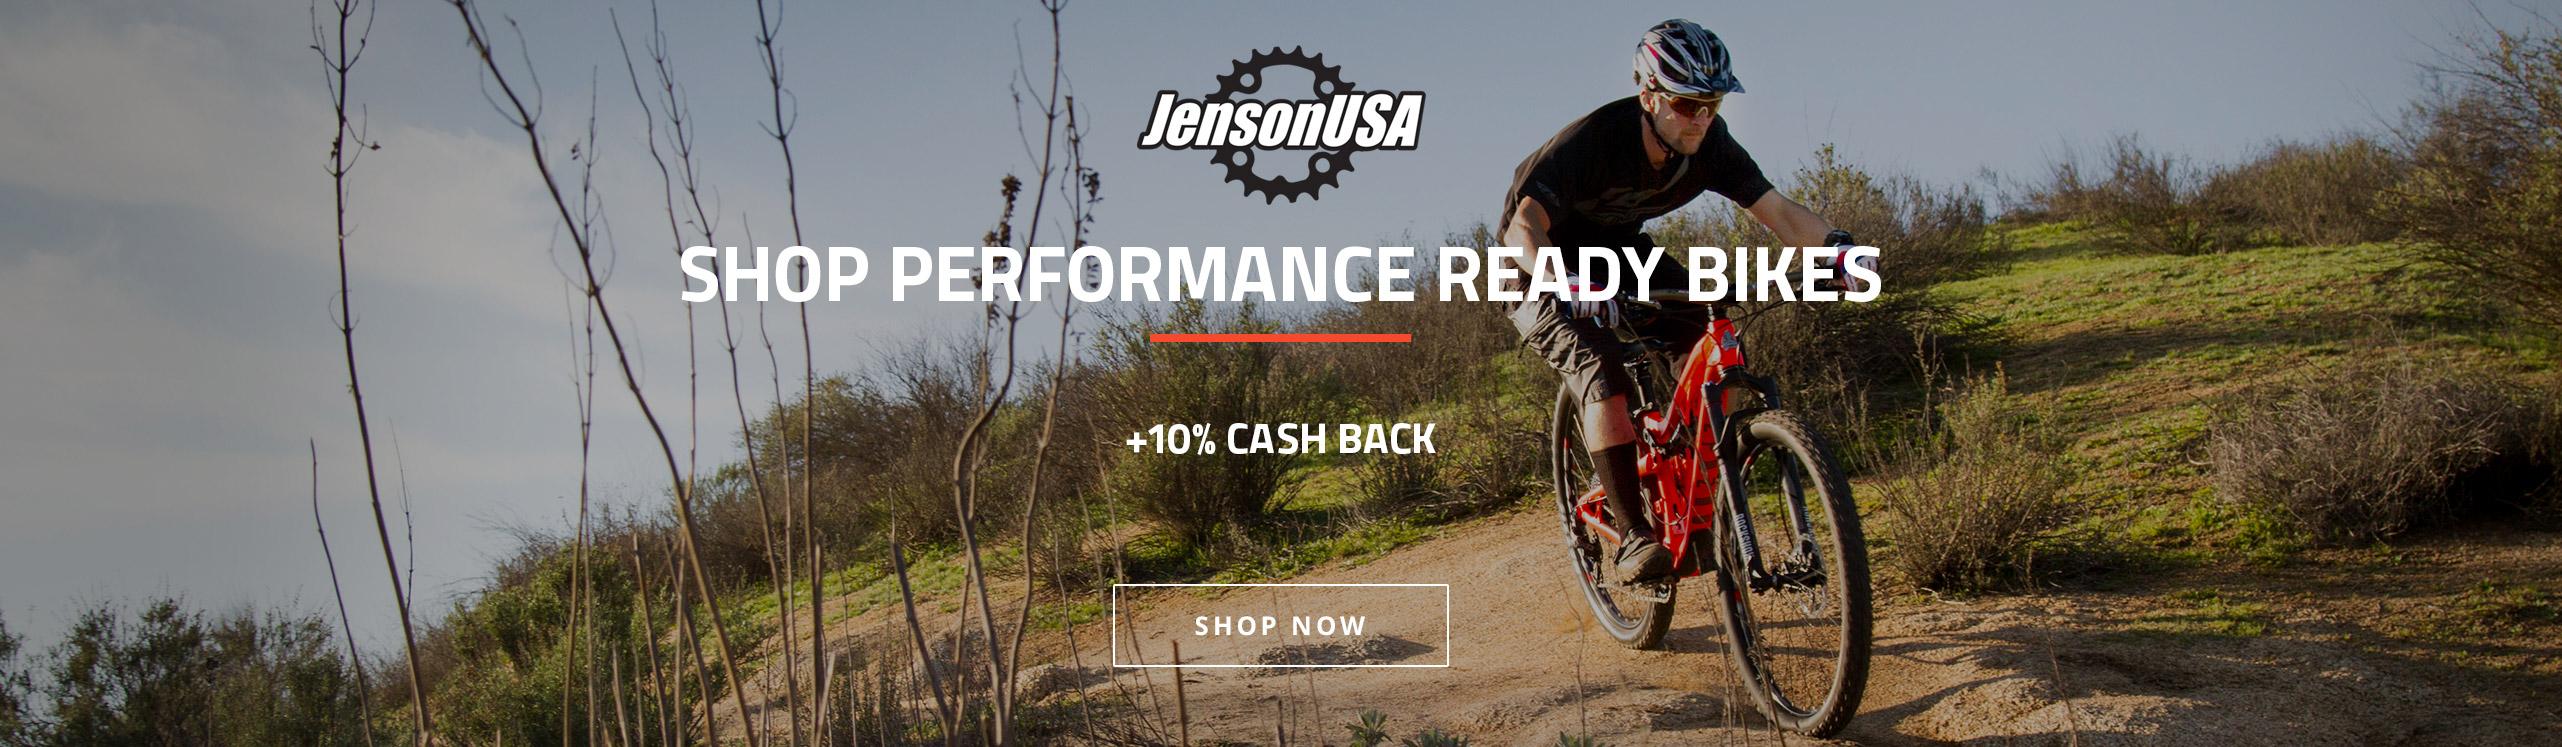 Jenson USA (10%) Shop Performance Ready Bikes